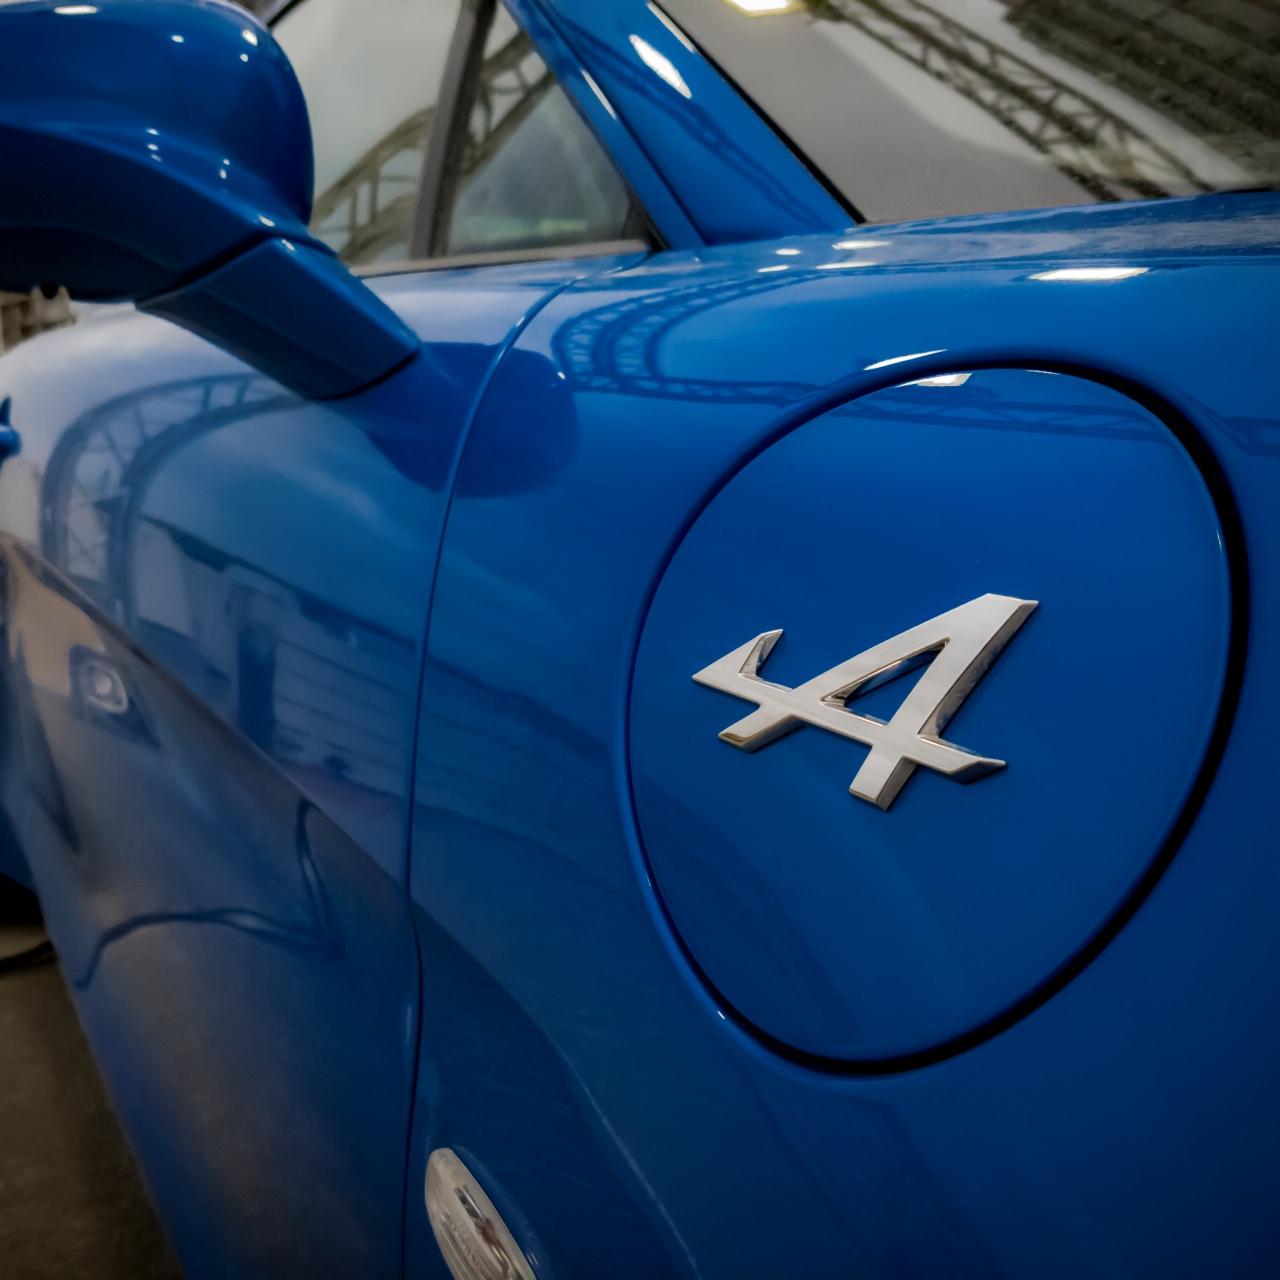 Alpine et son logo reconnaissable entre tous